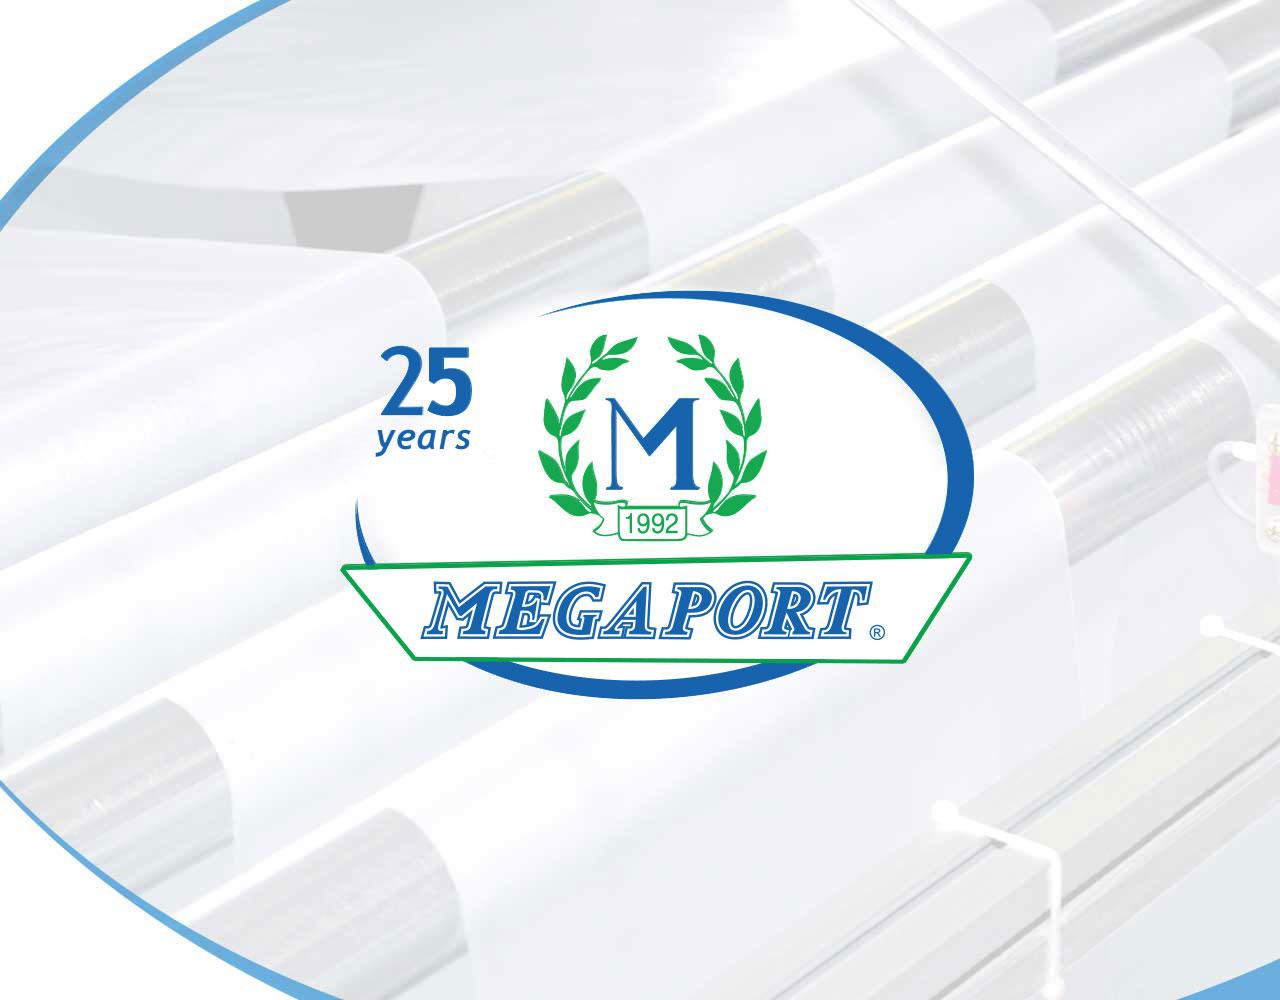 MegaportLogo25_eng